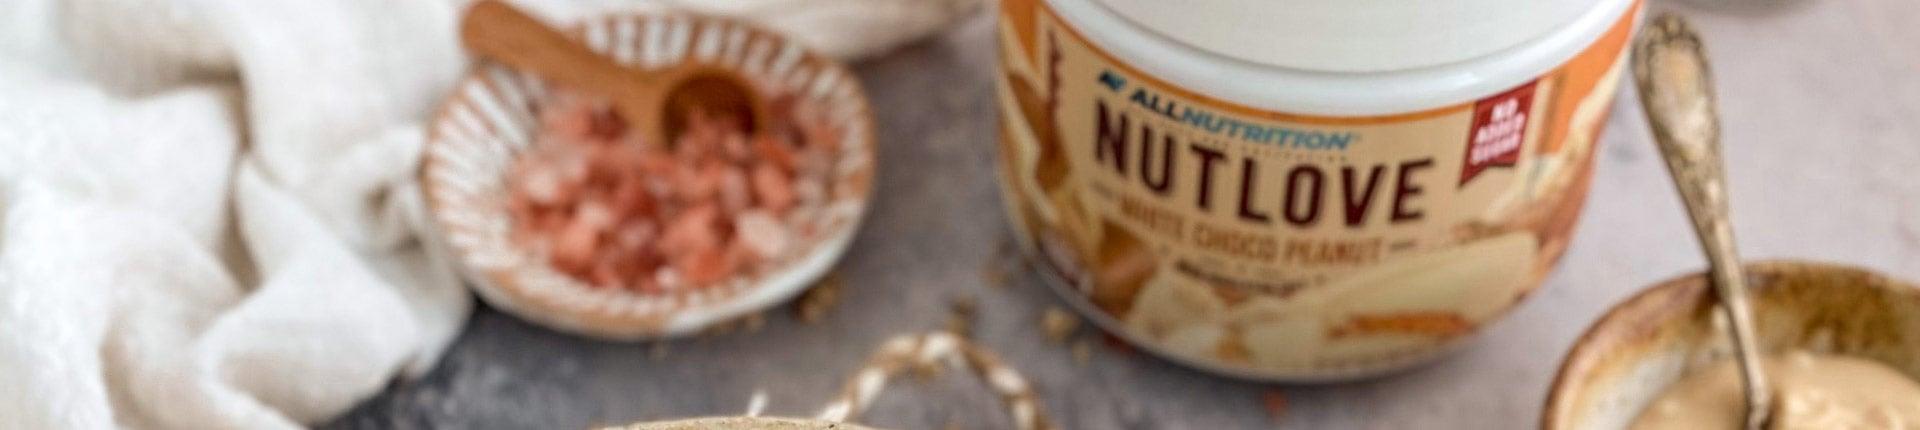 Domowa granola - prażone płatki owsiane z kremem NUTLOVE